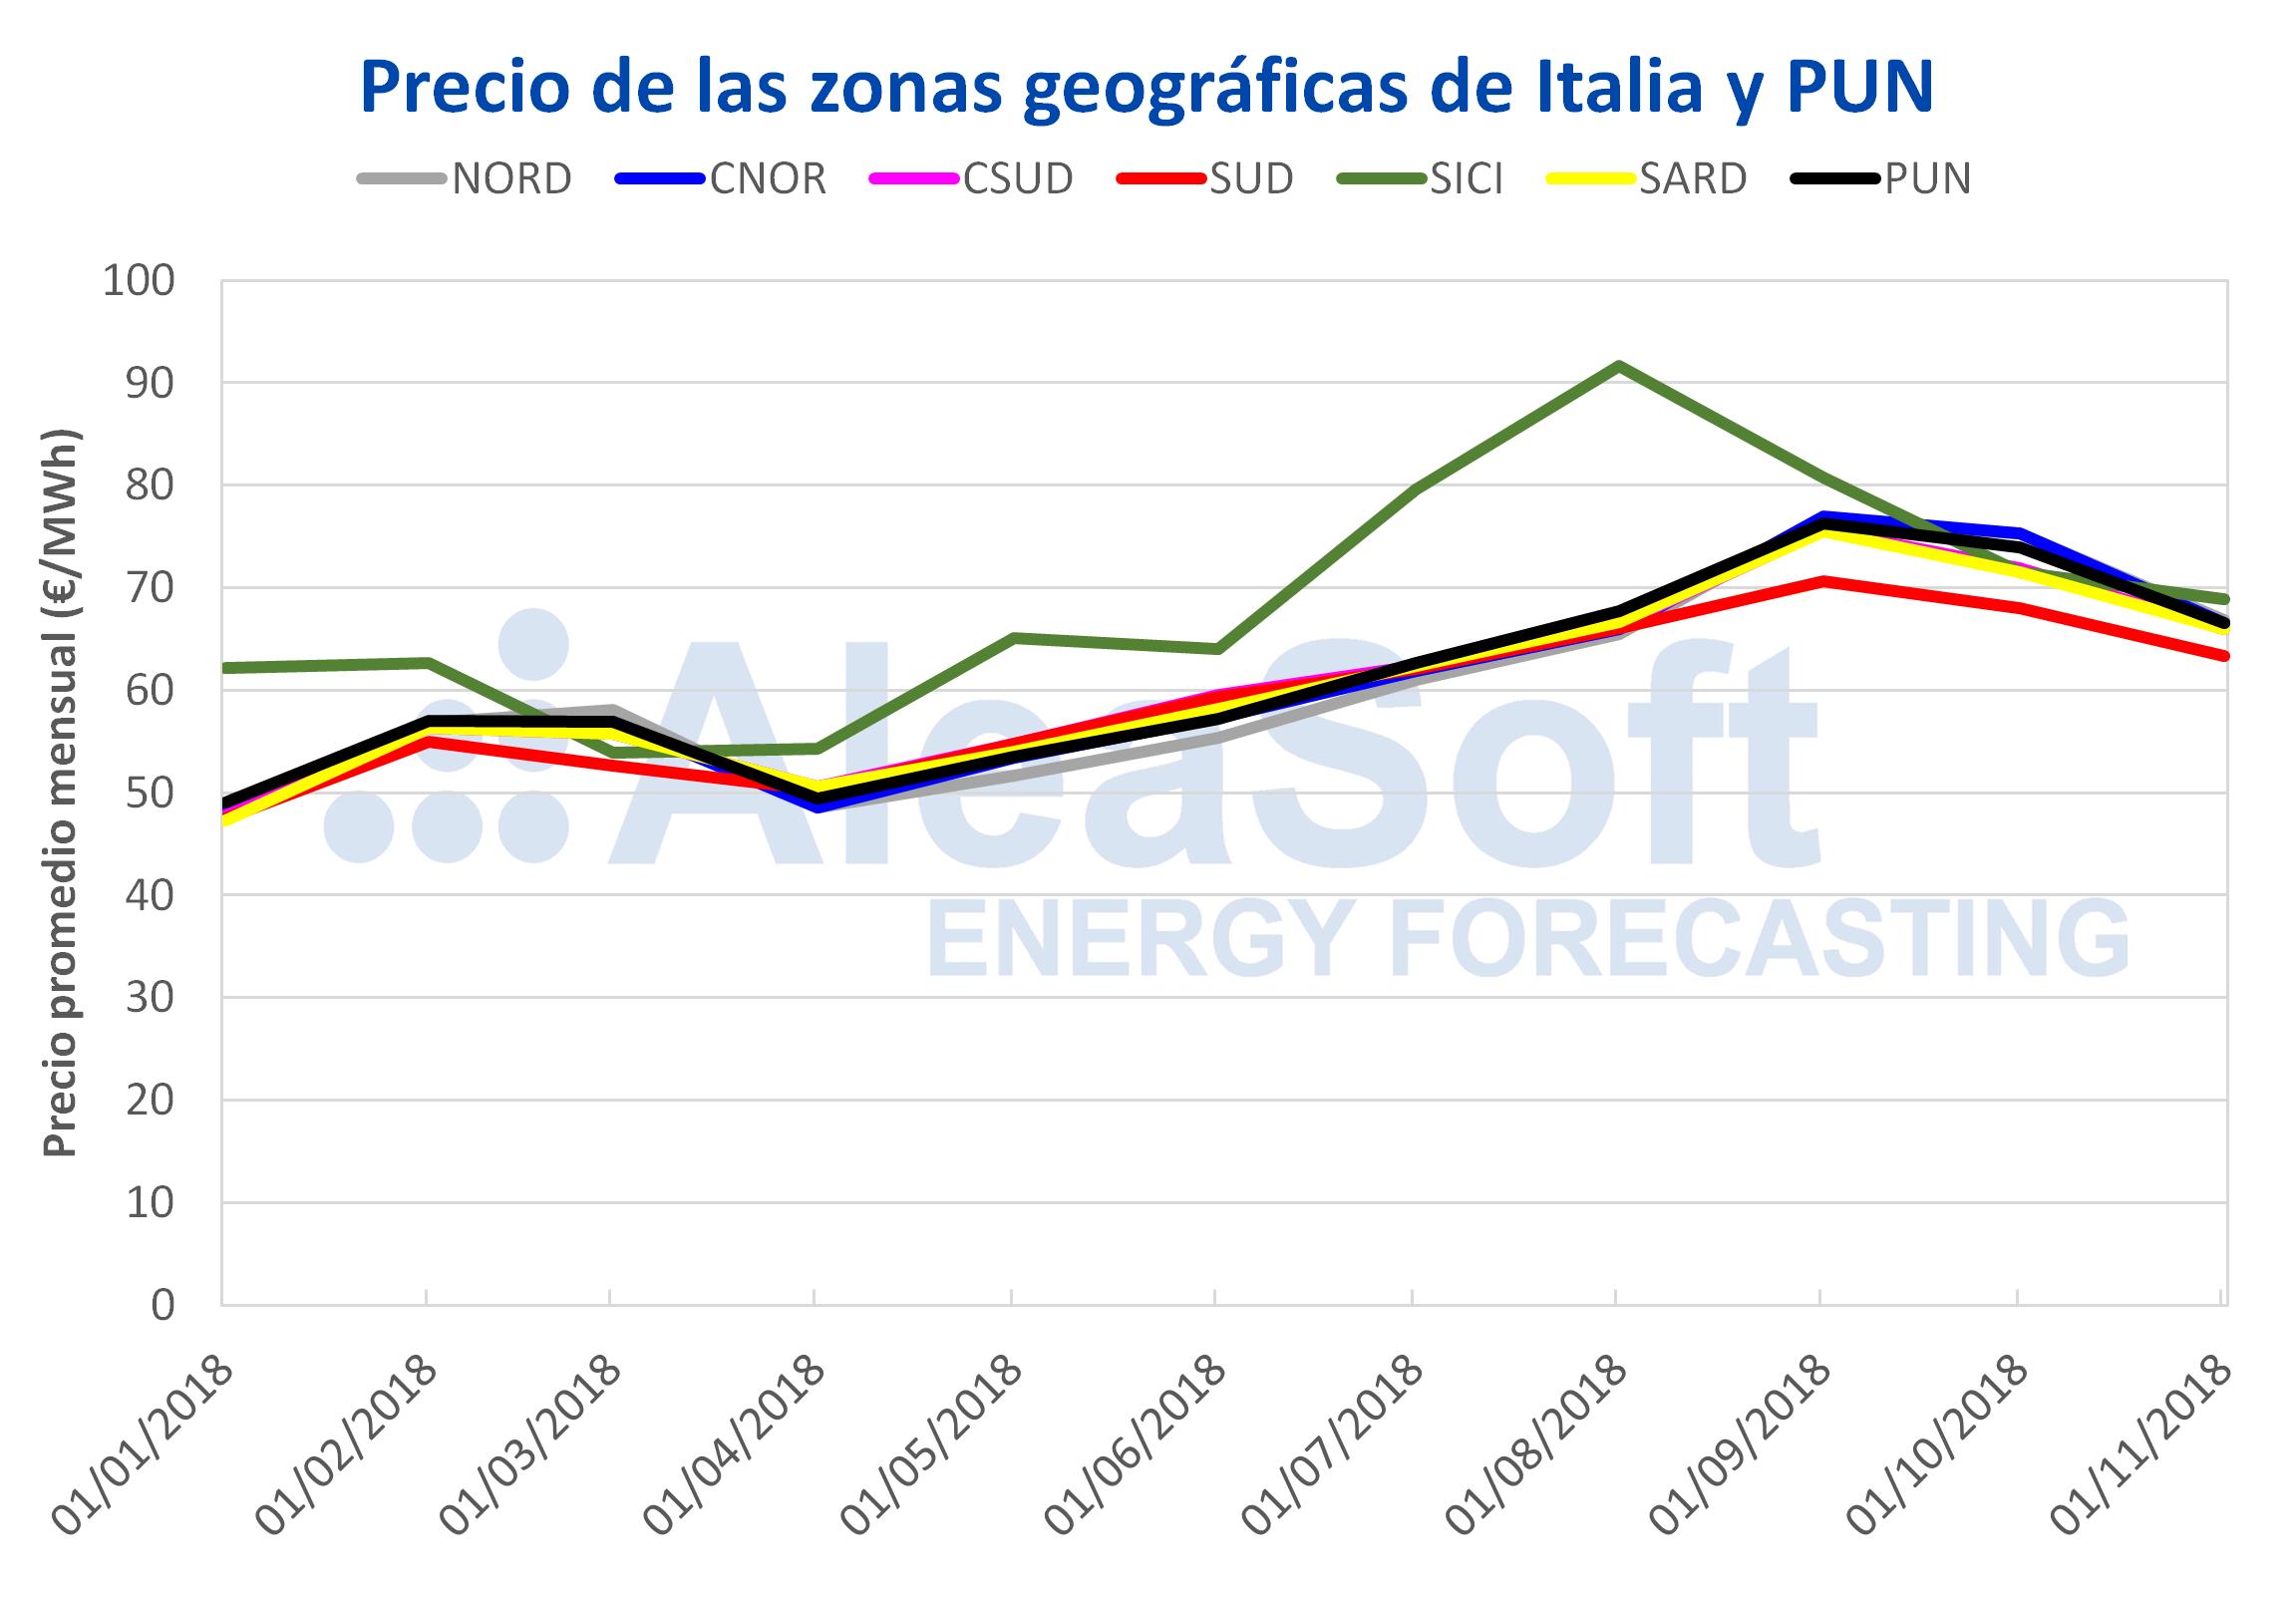 AleaSoft - Precio de las zonas geográficas de Italia y PUN